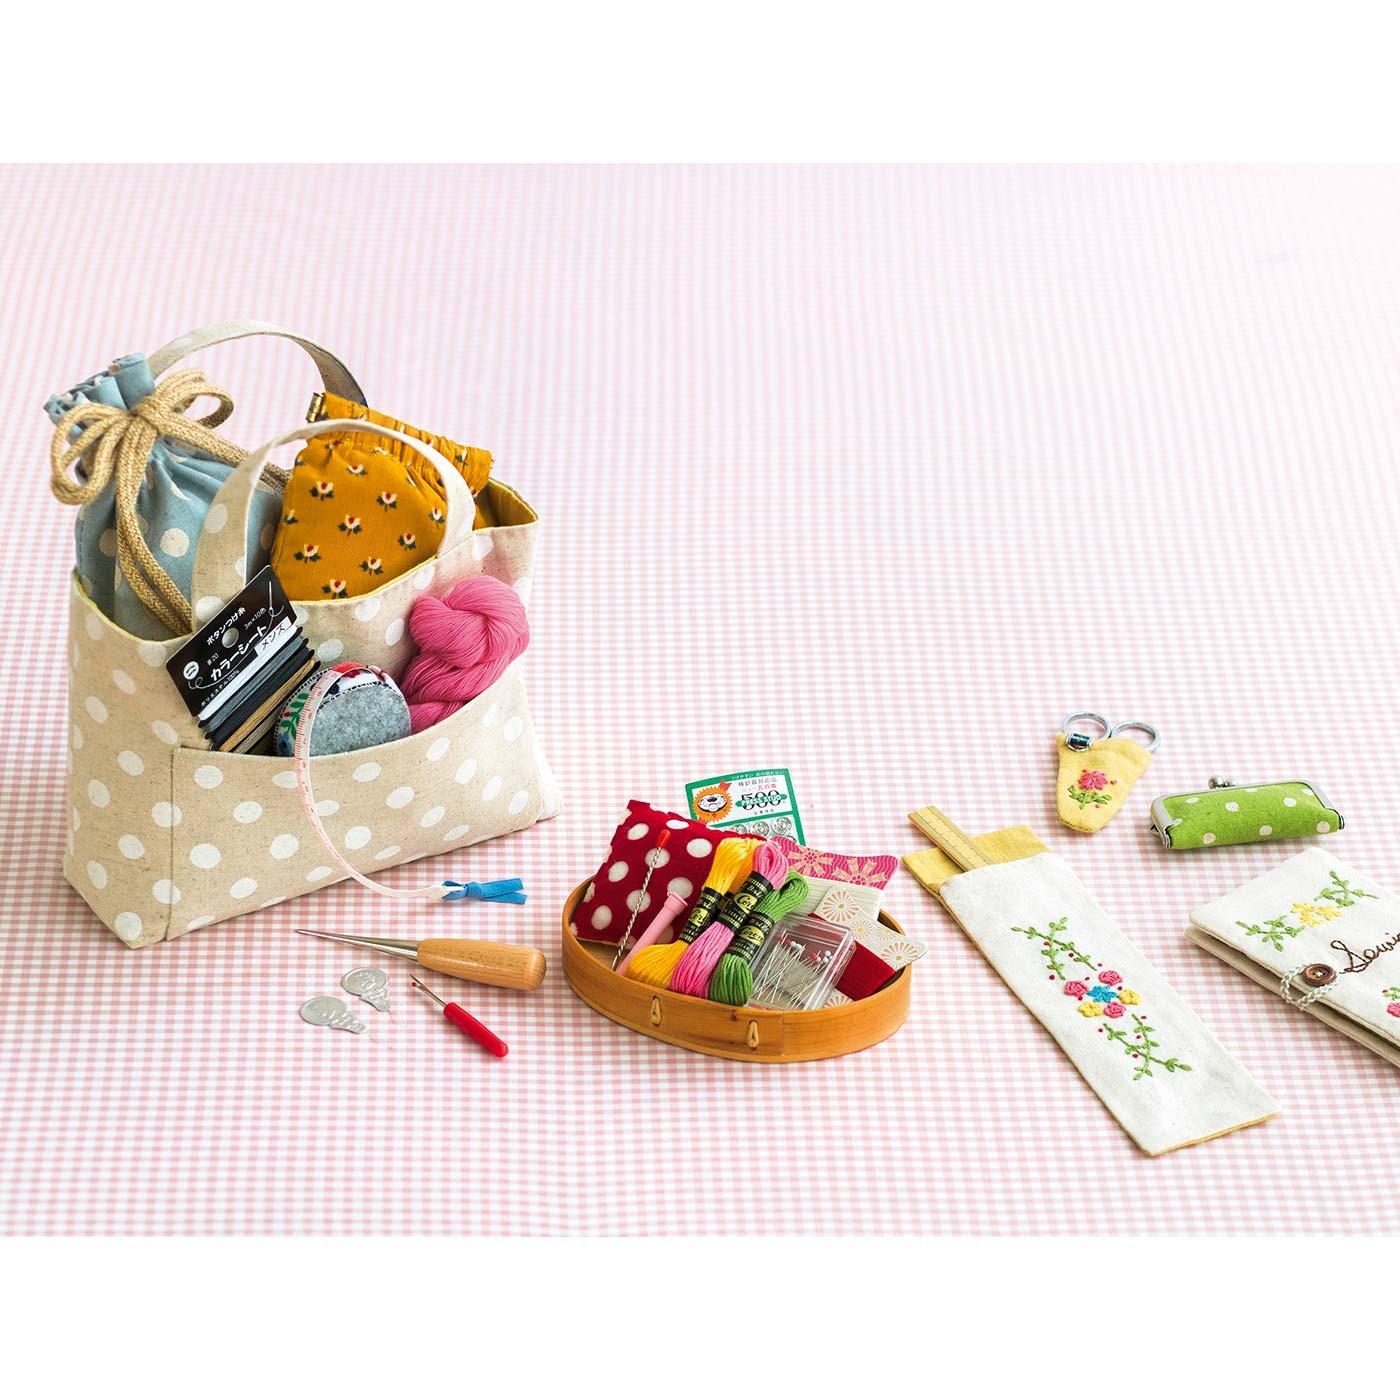 【クチュリエクラブ会員限定】今から始める乙女の手習い お裁縫おさらい帖の会